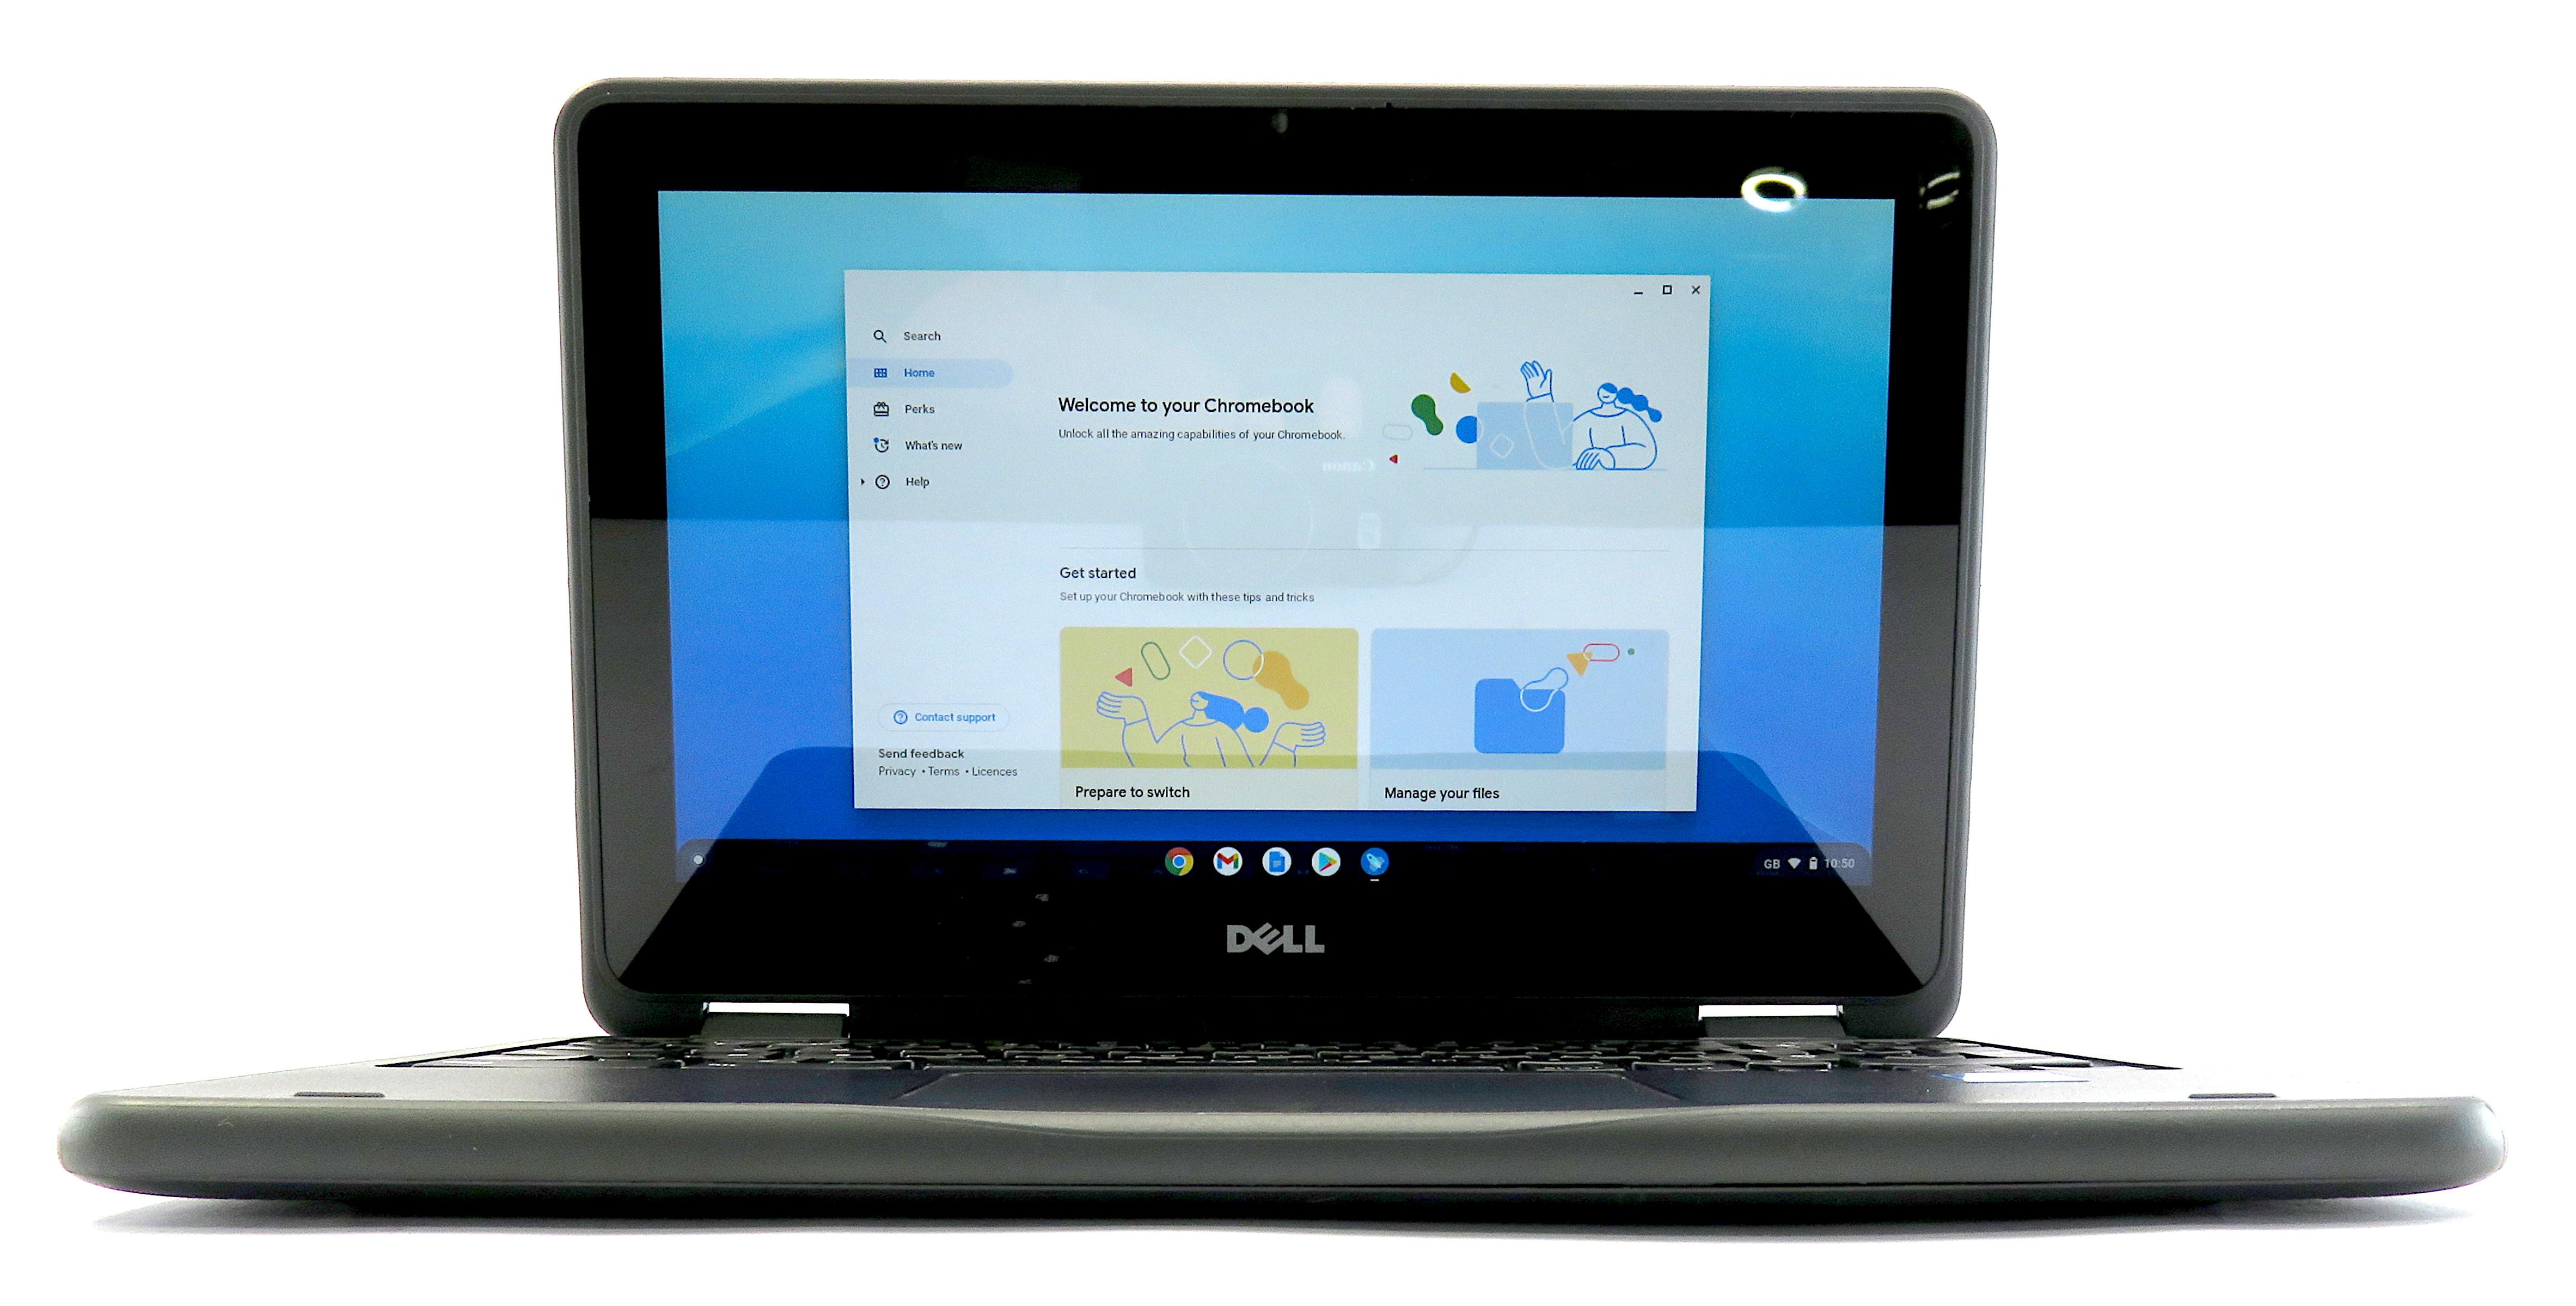 """Dell Chromebook 11 3181 - Celeron N3060, 4GB RAM, 64GB eMMC, 11.6"""" Touchscreen"""